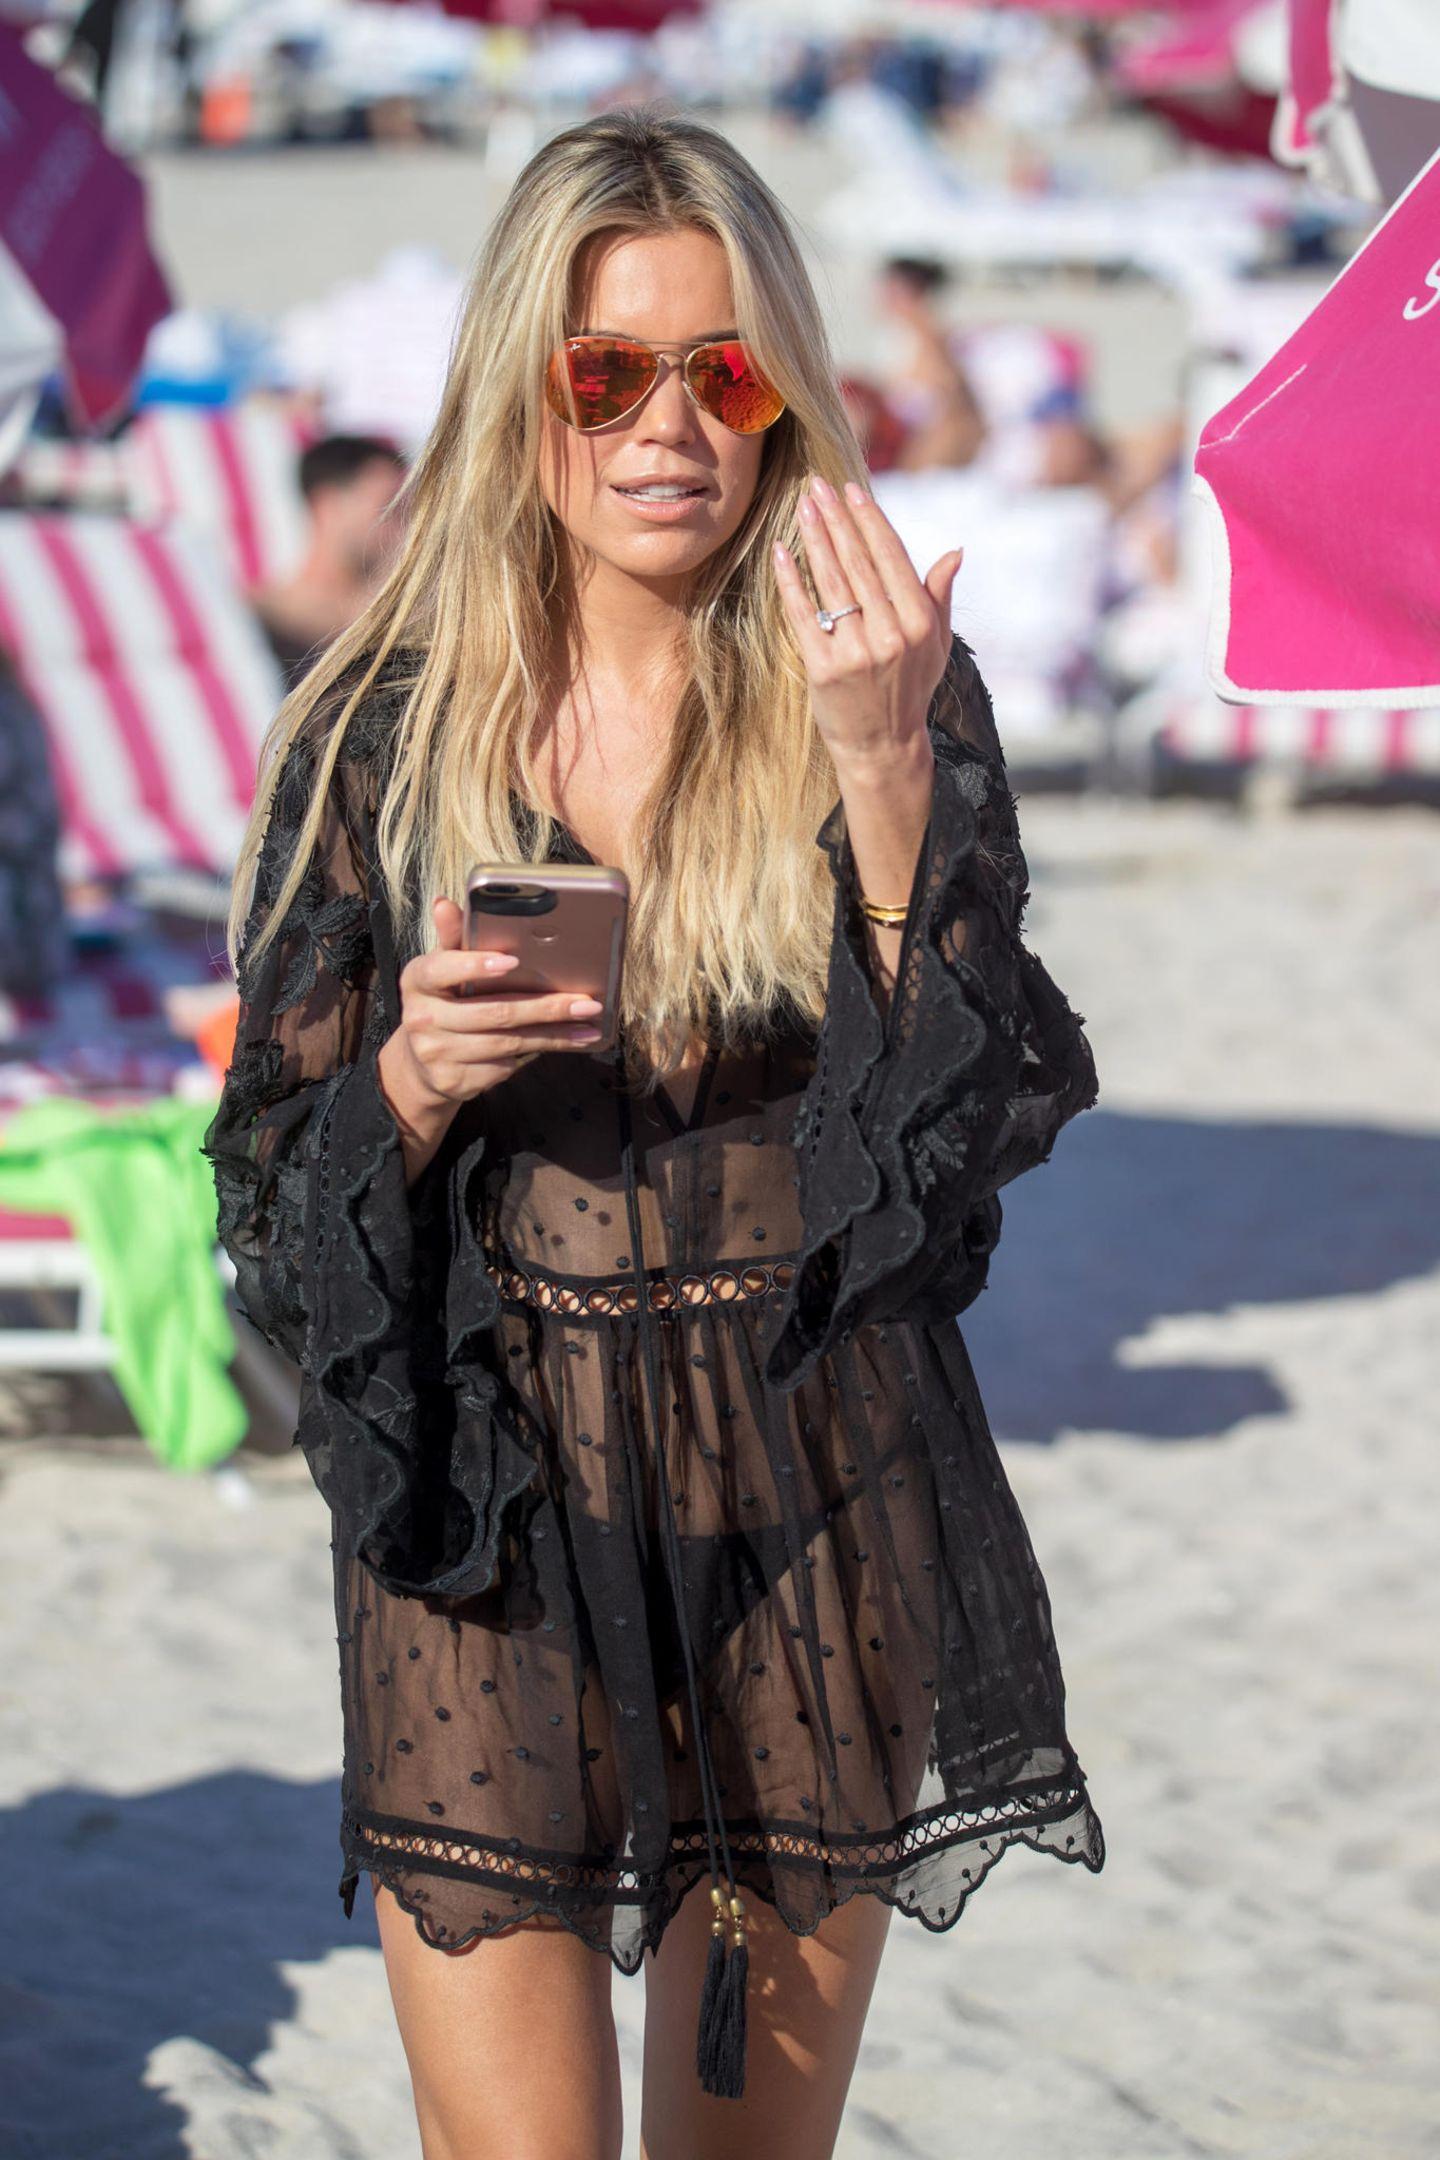 Pausen müssen auch mal sein, und für die wirft sich Sylvie dieses Spitzen-Strandkleid über ihren Traumbody.